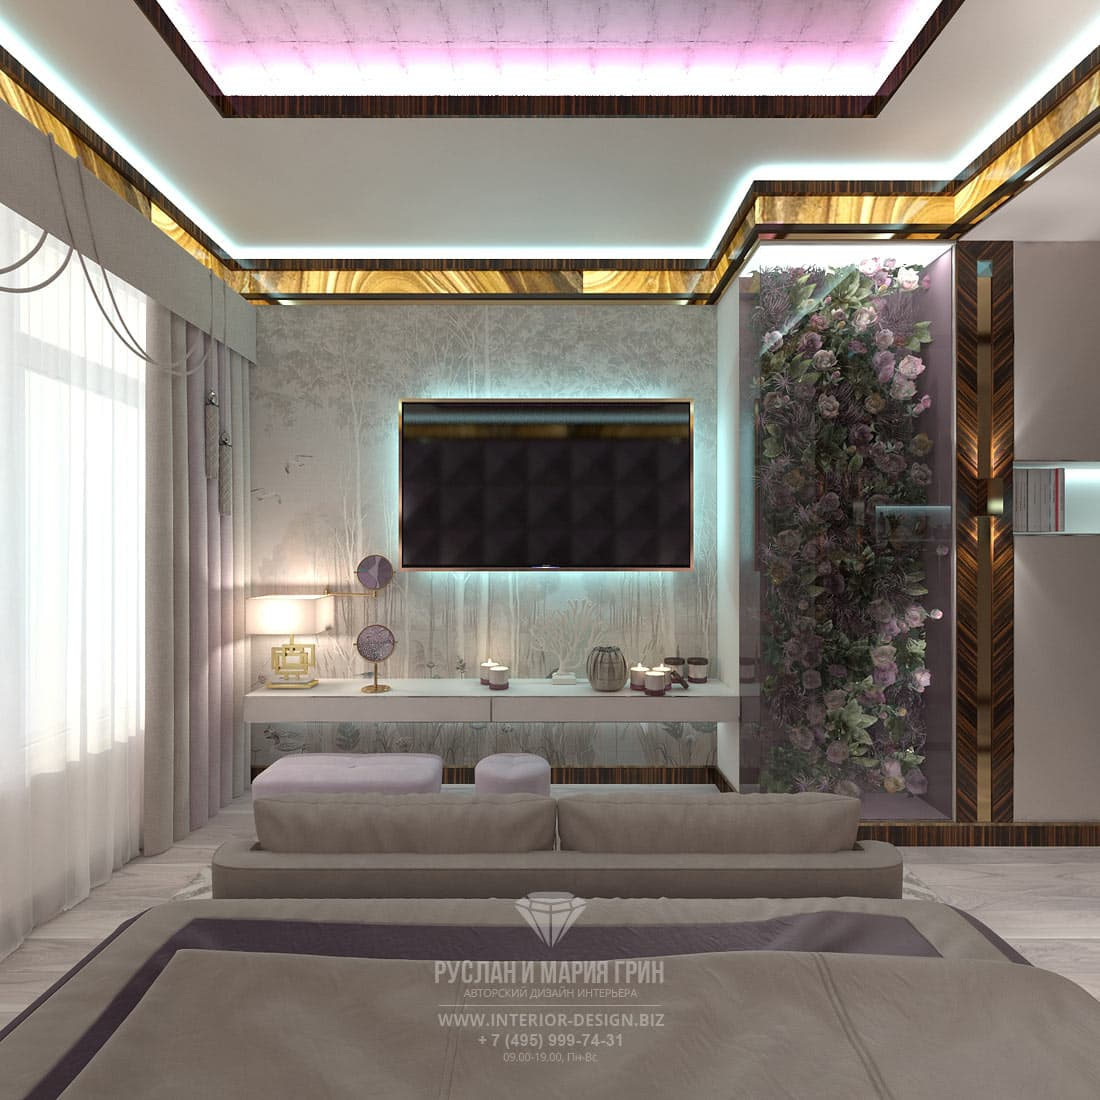 Современный дизайн. Фото интерьера модной спальни